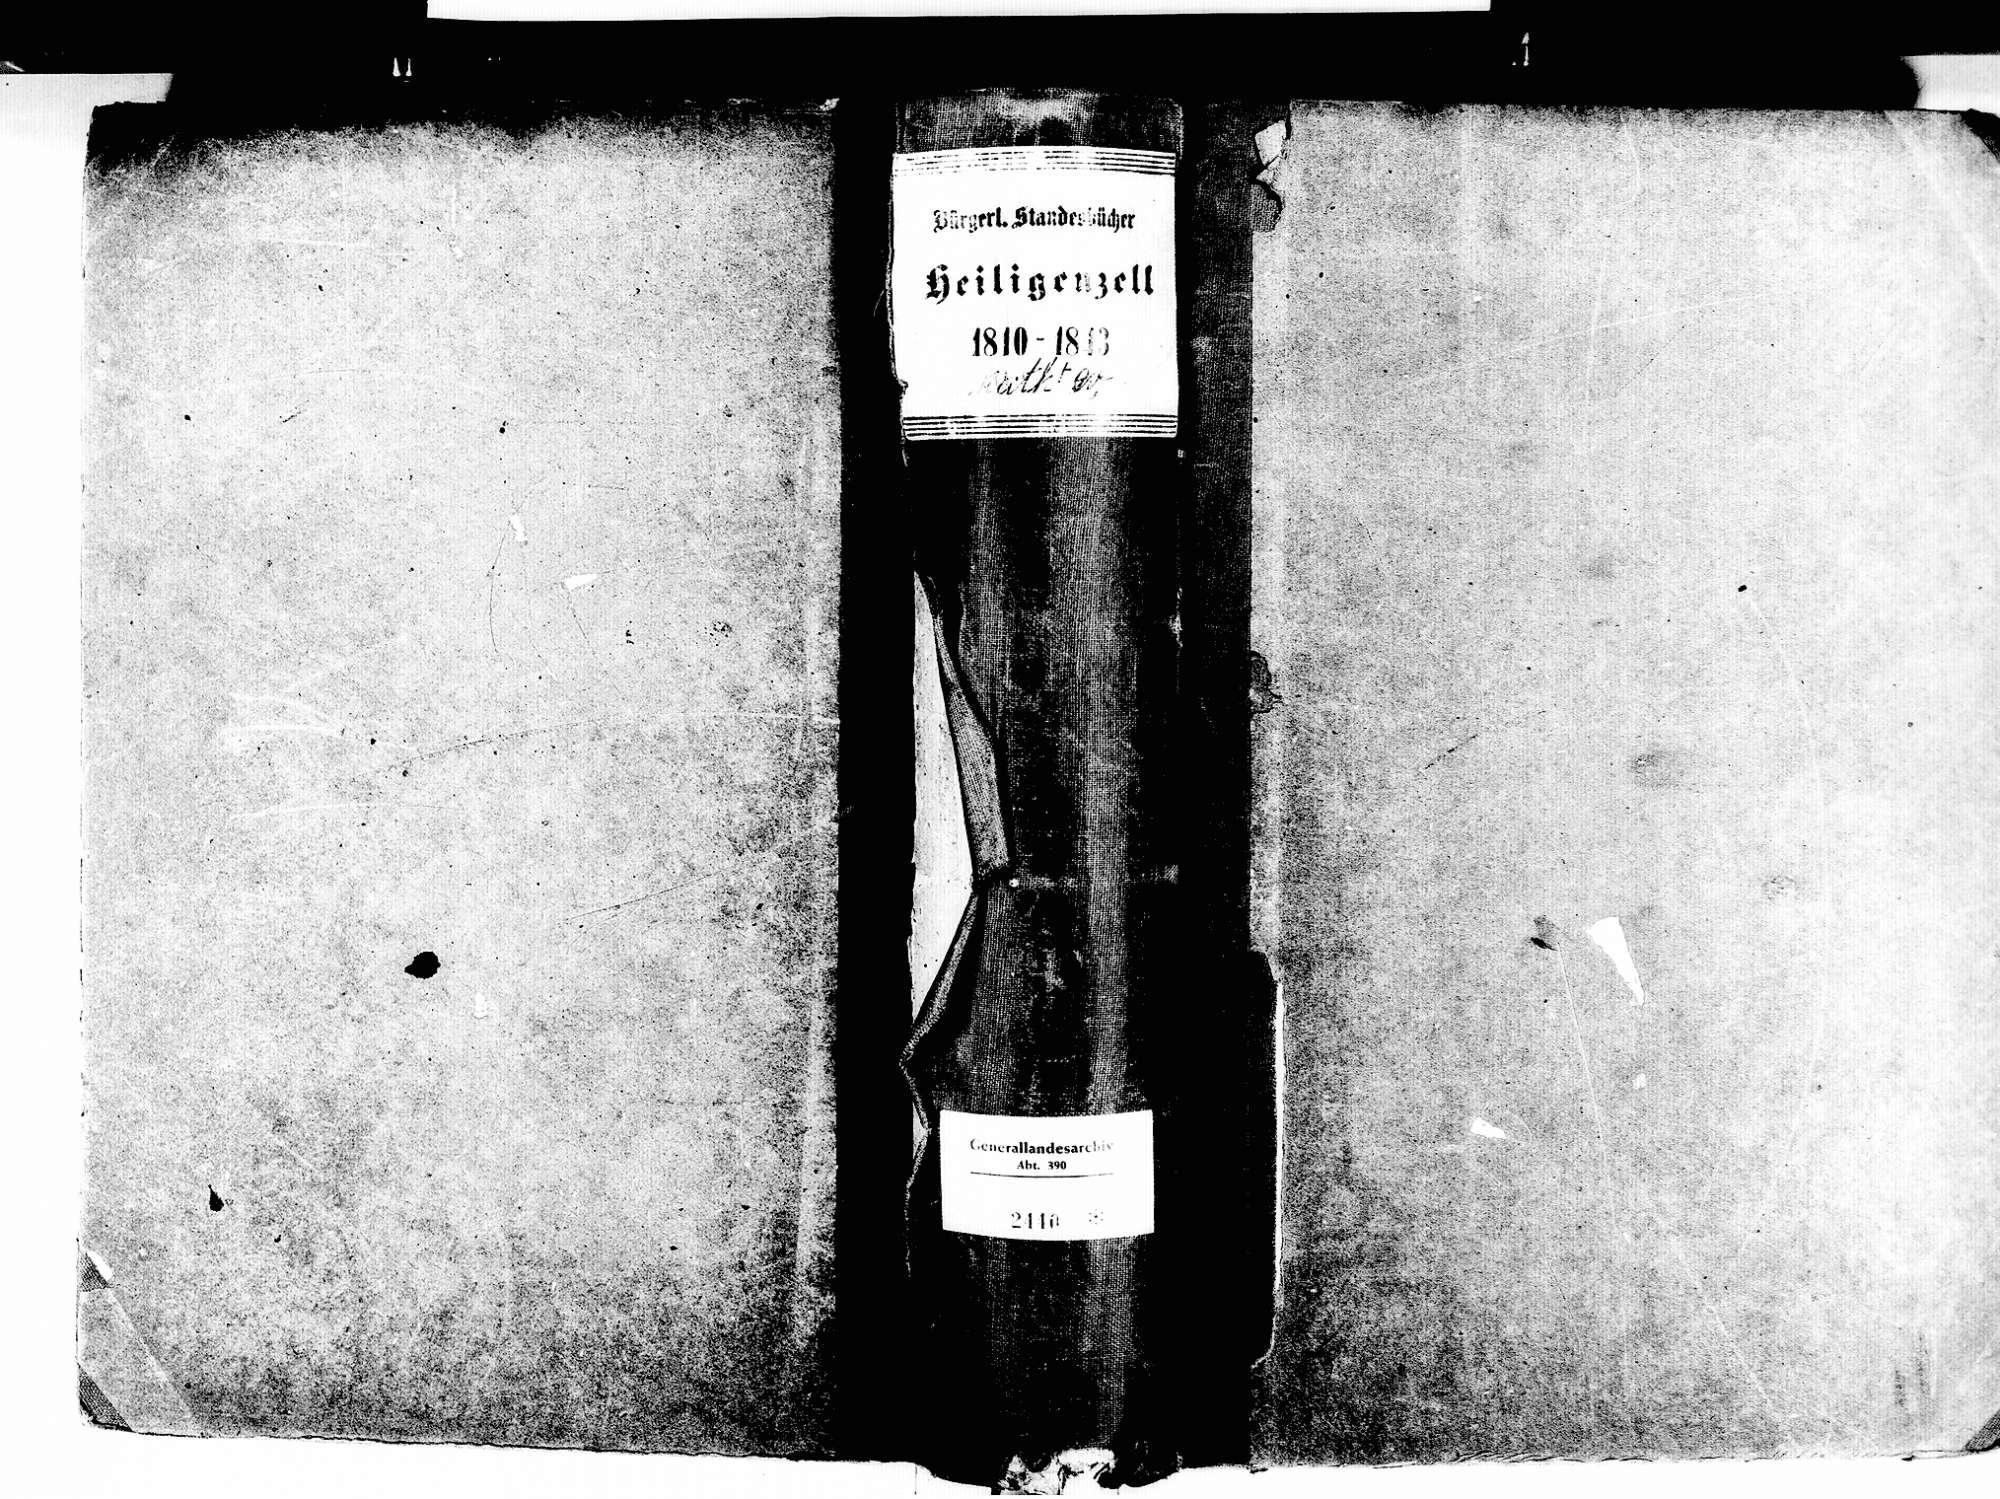 Heiligenzell, Friesenheim OG; Evangelische Gemeinde: Standesbuch 1810-1843 Heiligenzell, Friesenheim OG; Katholische Gemeinde: Standesbuch 1810-1843, Bild 1